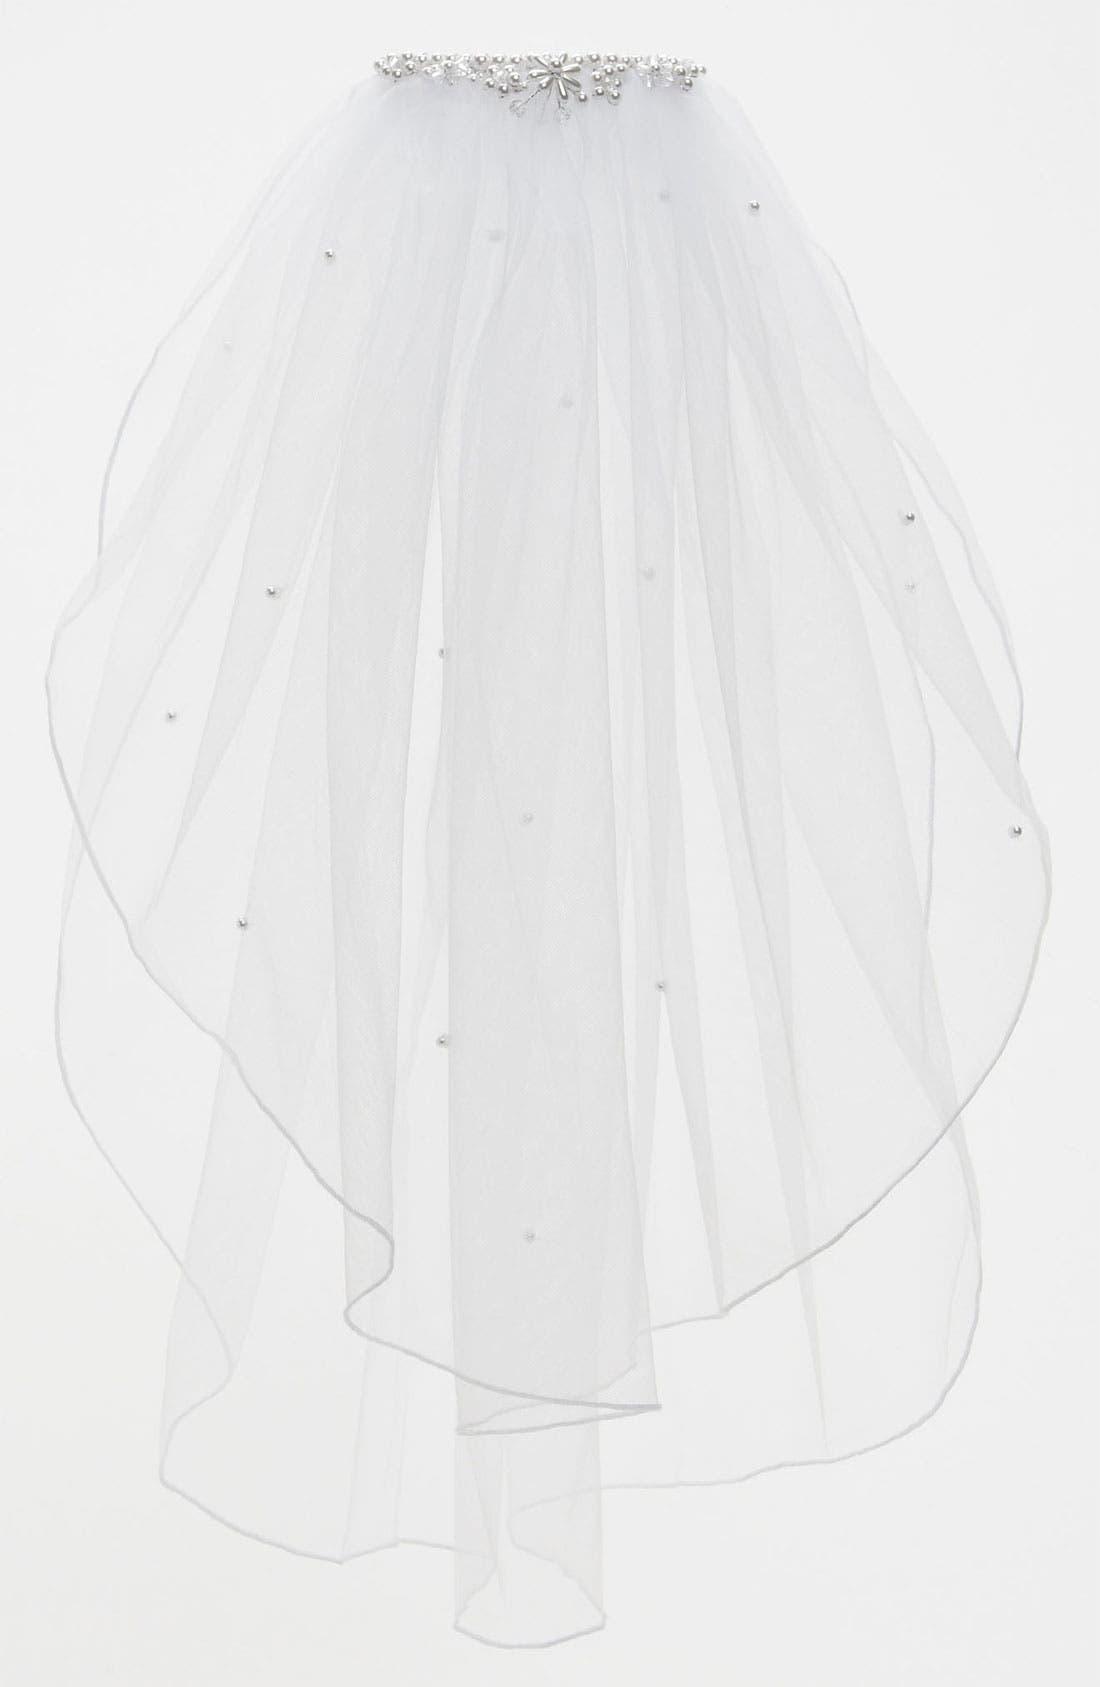 Alternate Image 1 Selected - Lauren Marie Beaded Crown & Veil (Girls)